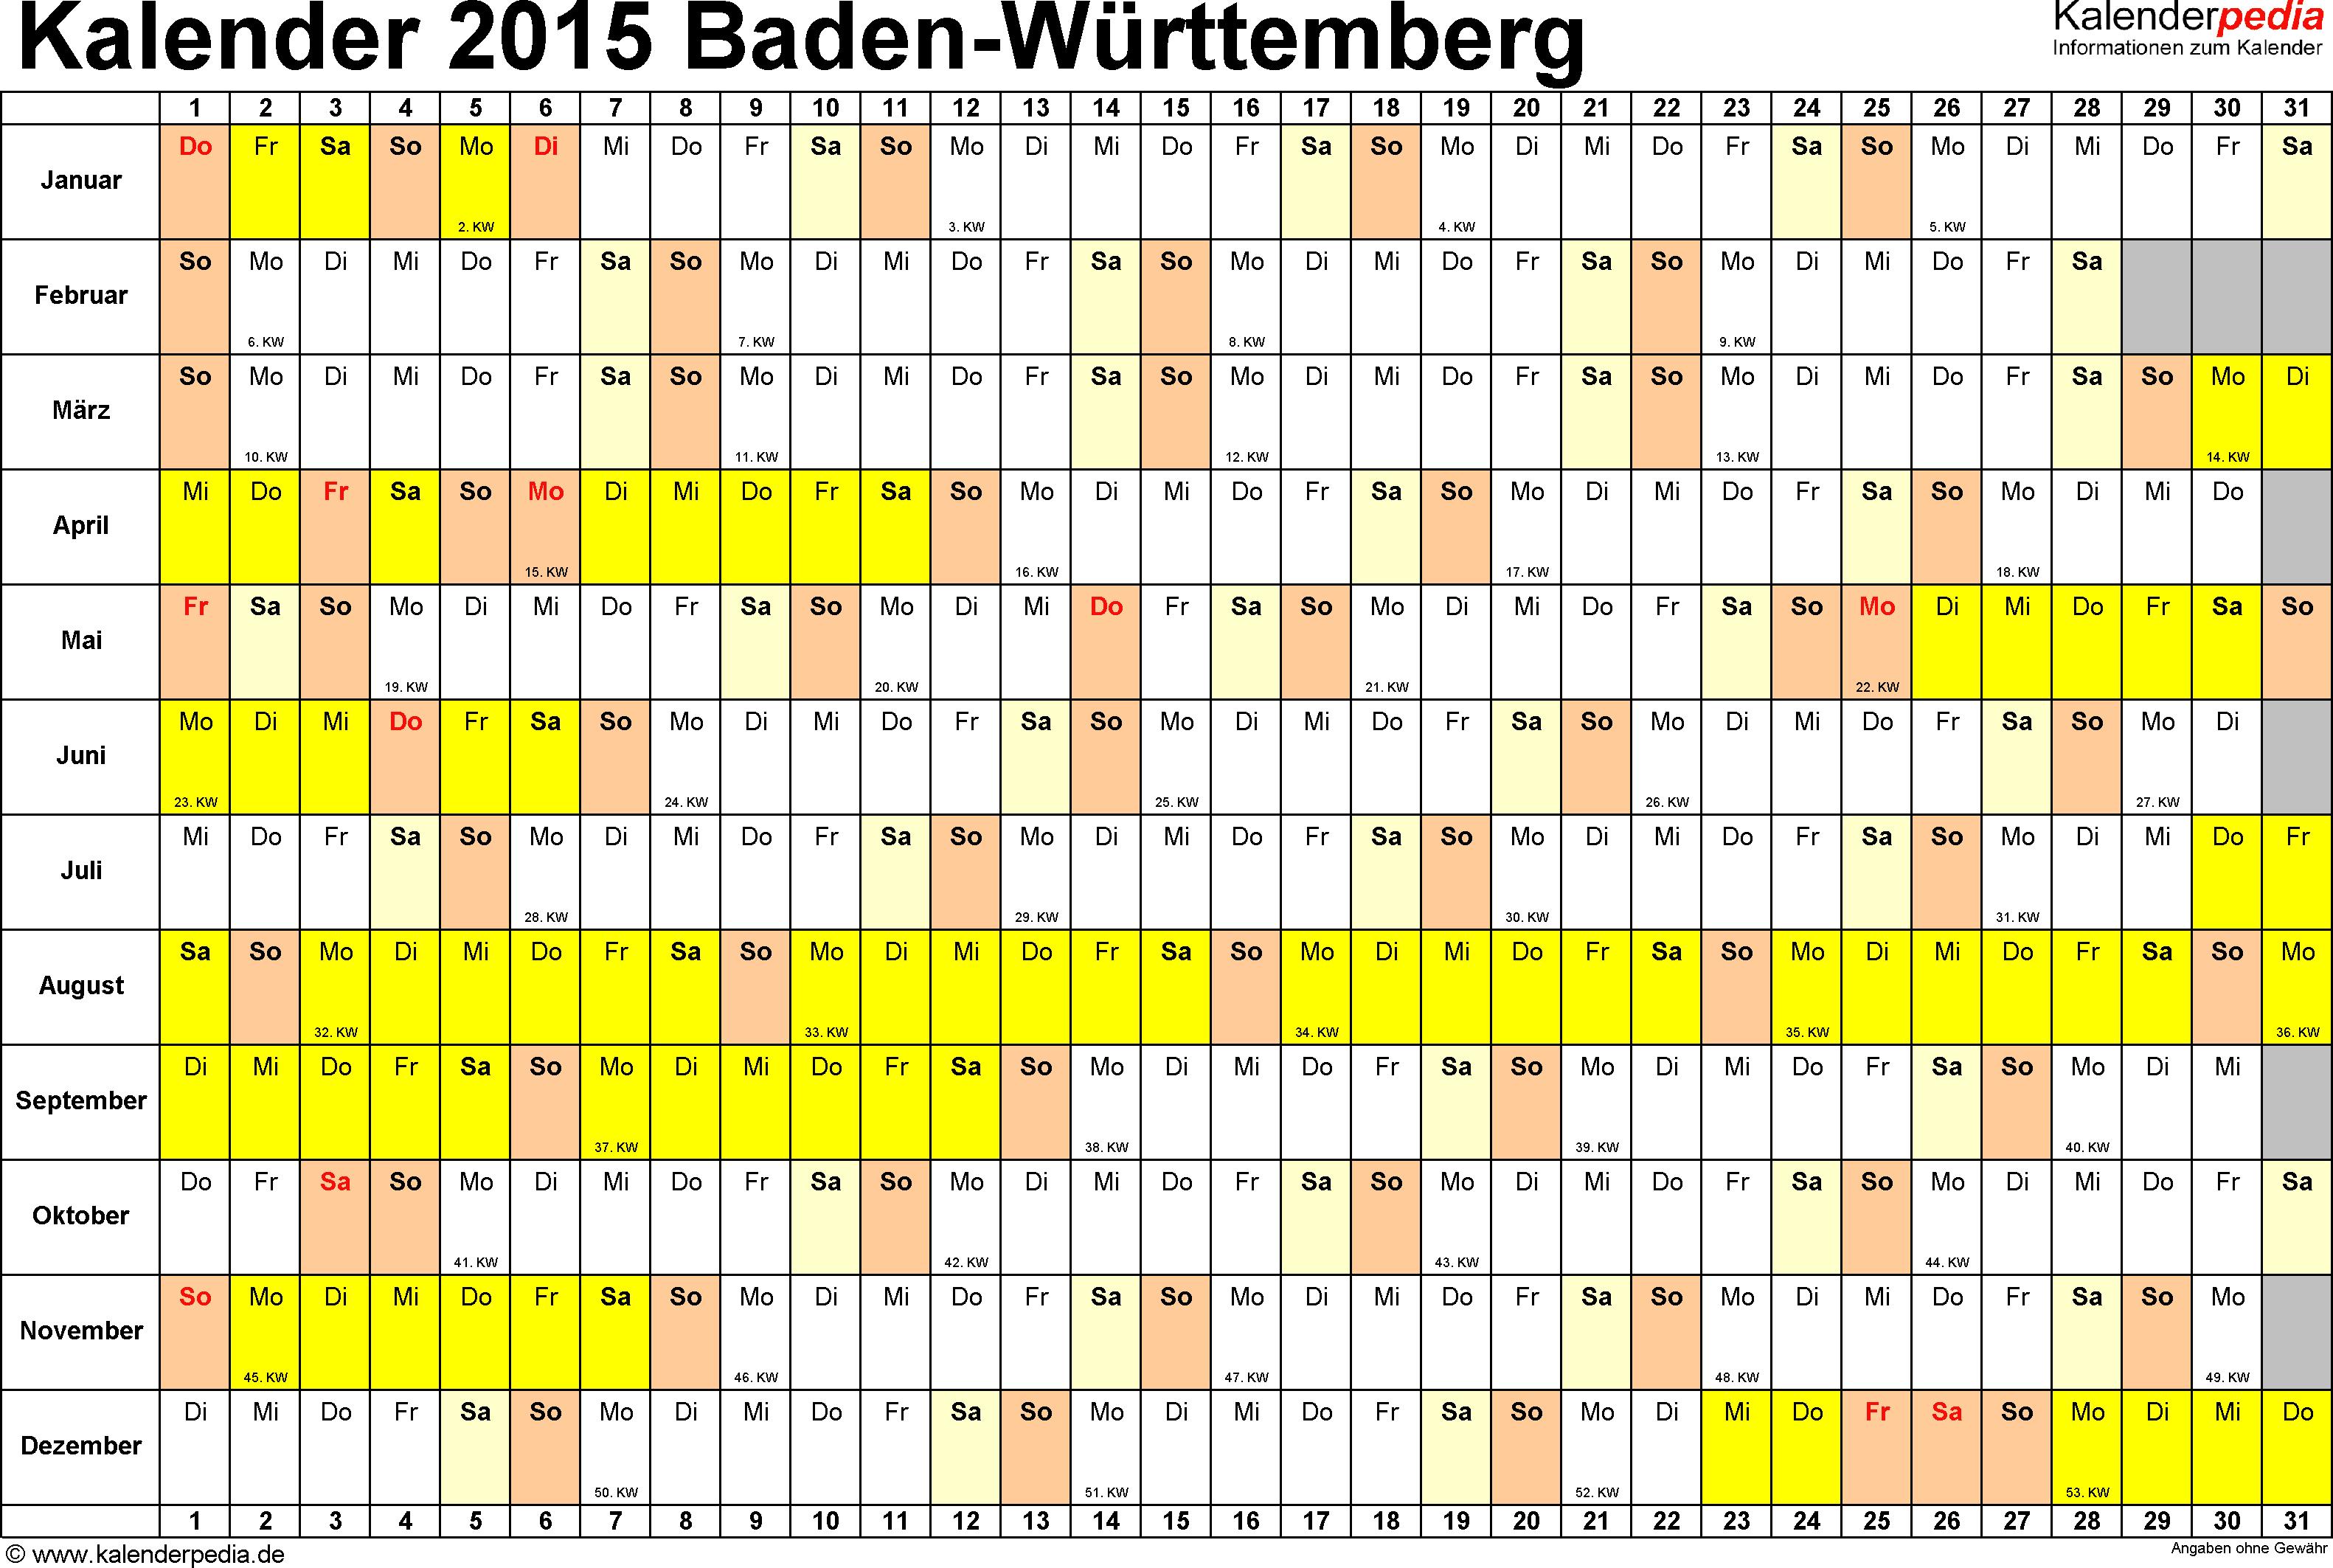 Vorlage 3: Kalender Baden-Württemberg 2015 im Querformat, Tage nebeneinander